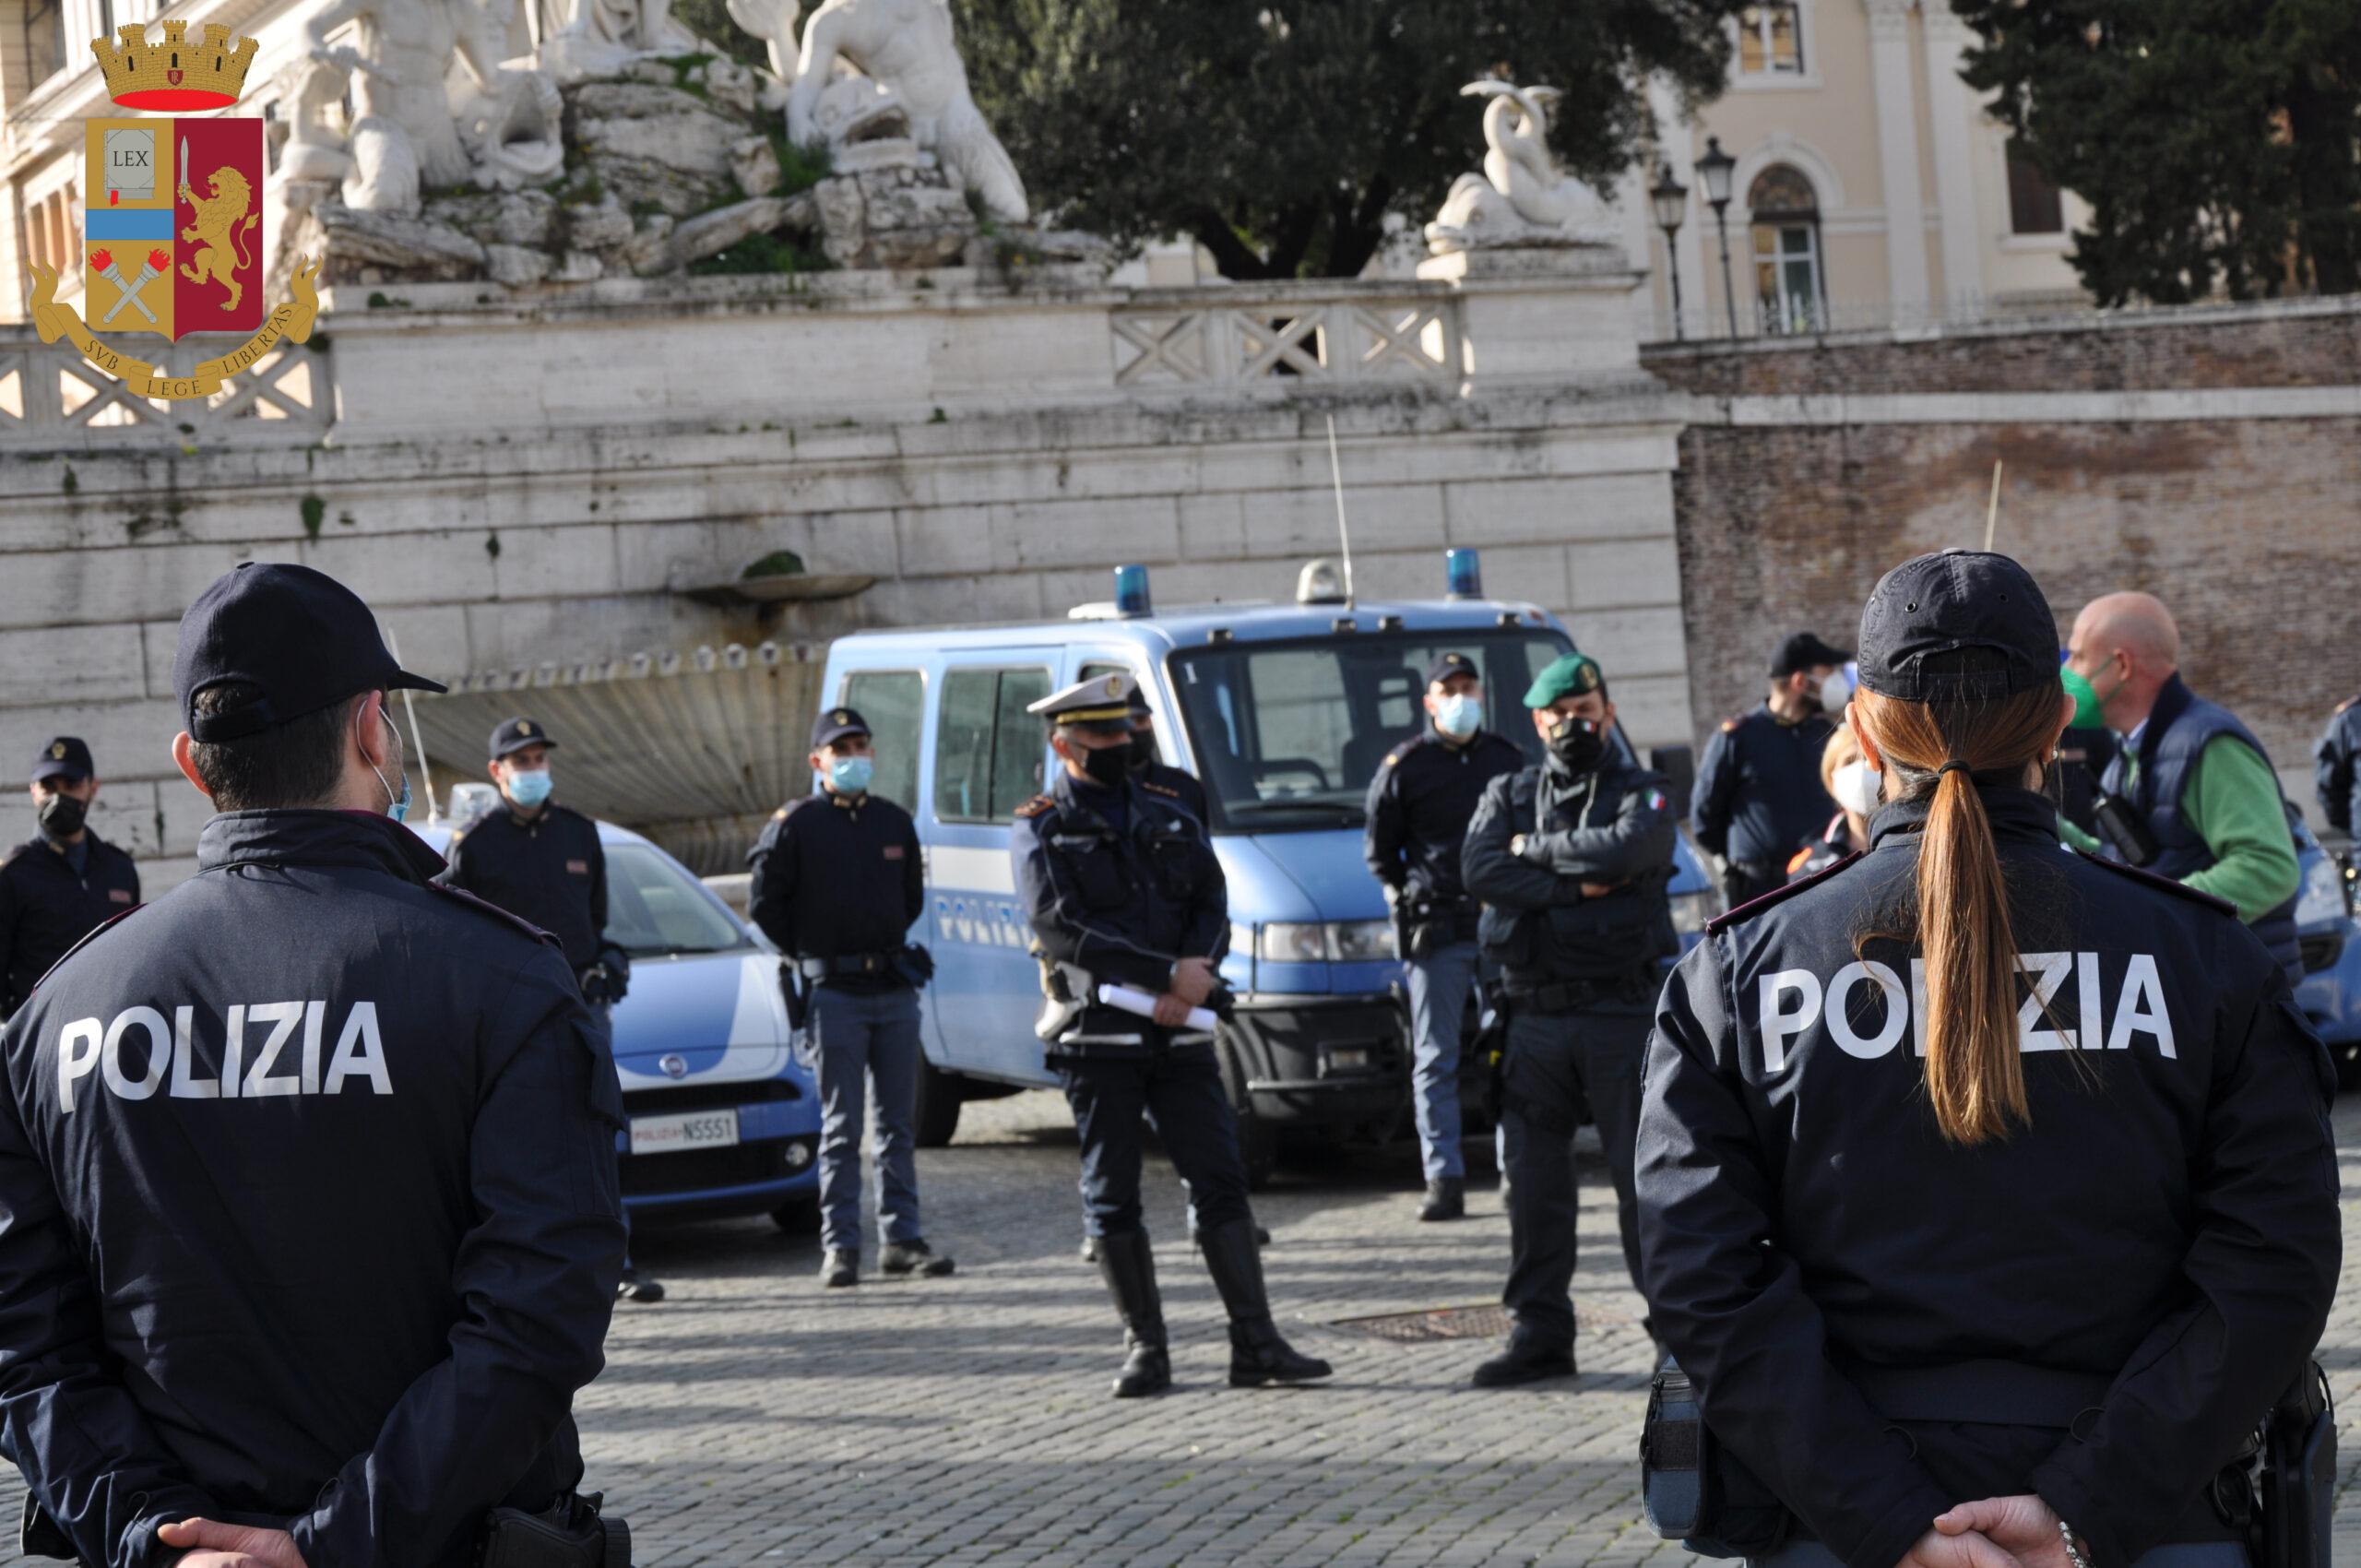 Polizia manifestazione Forza Nuova arresto